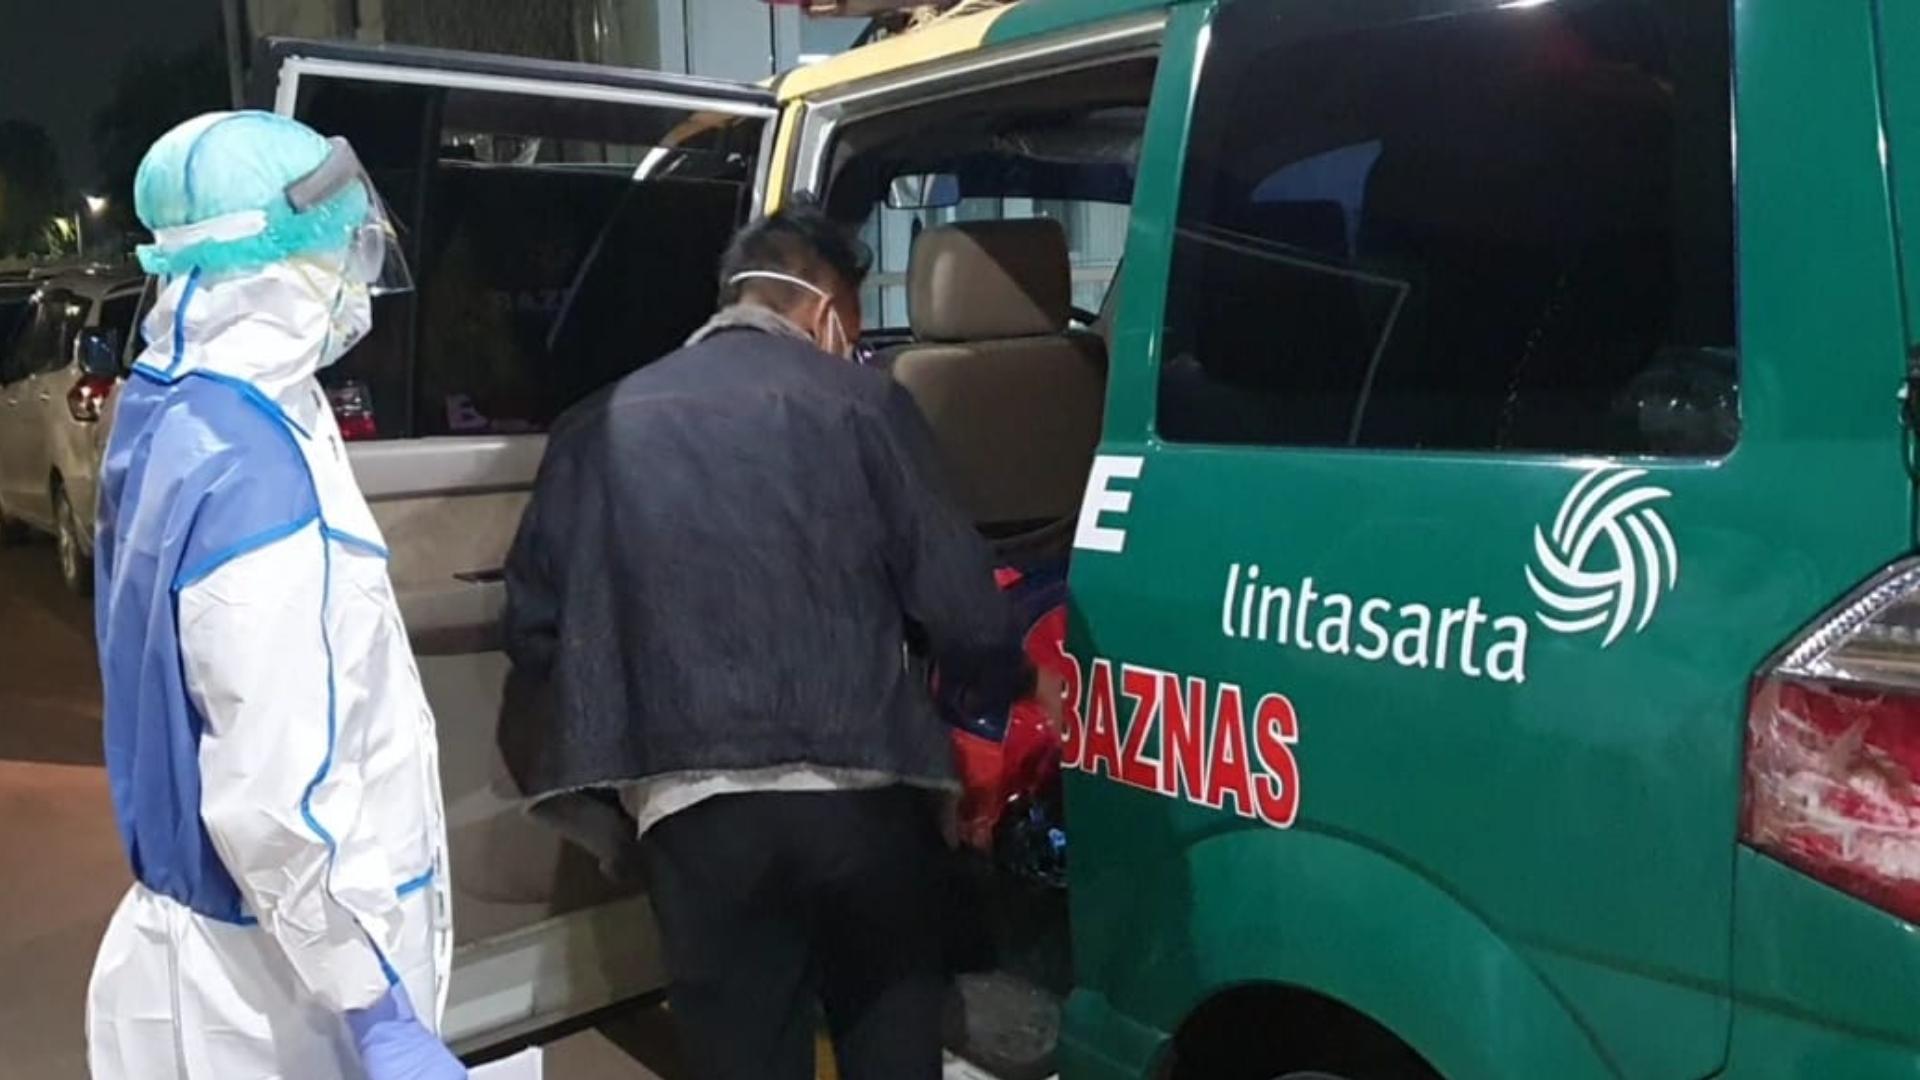 Layanan Ambulans BAZNAS untuk Penanganan Covid-19